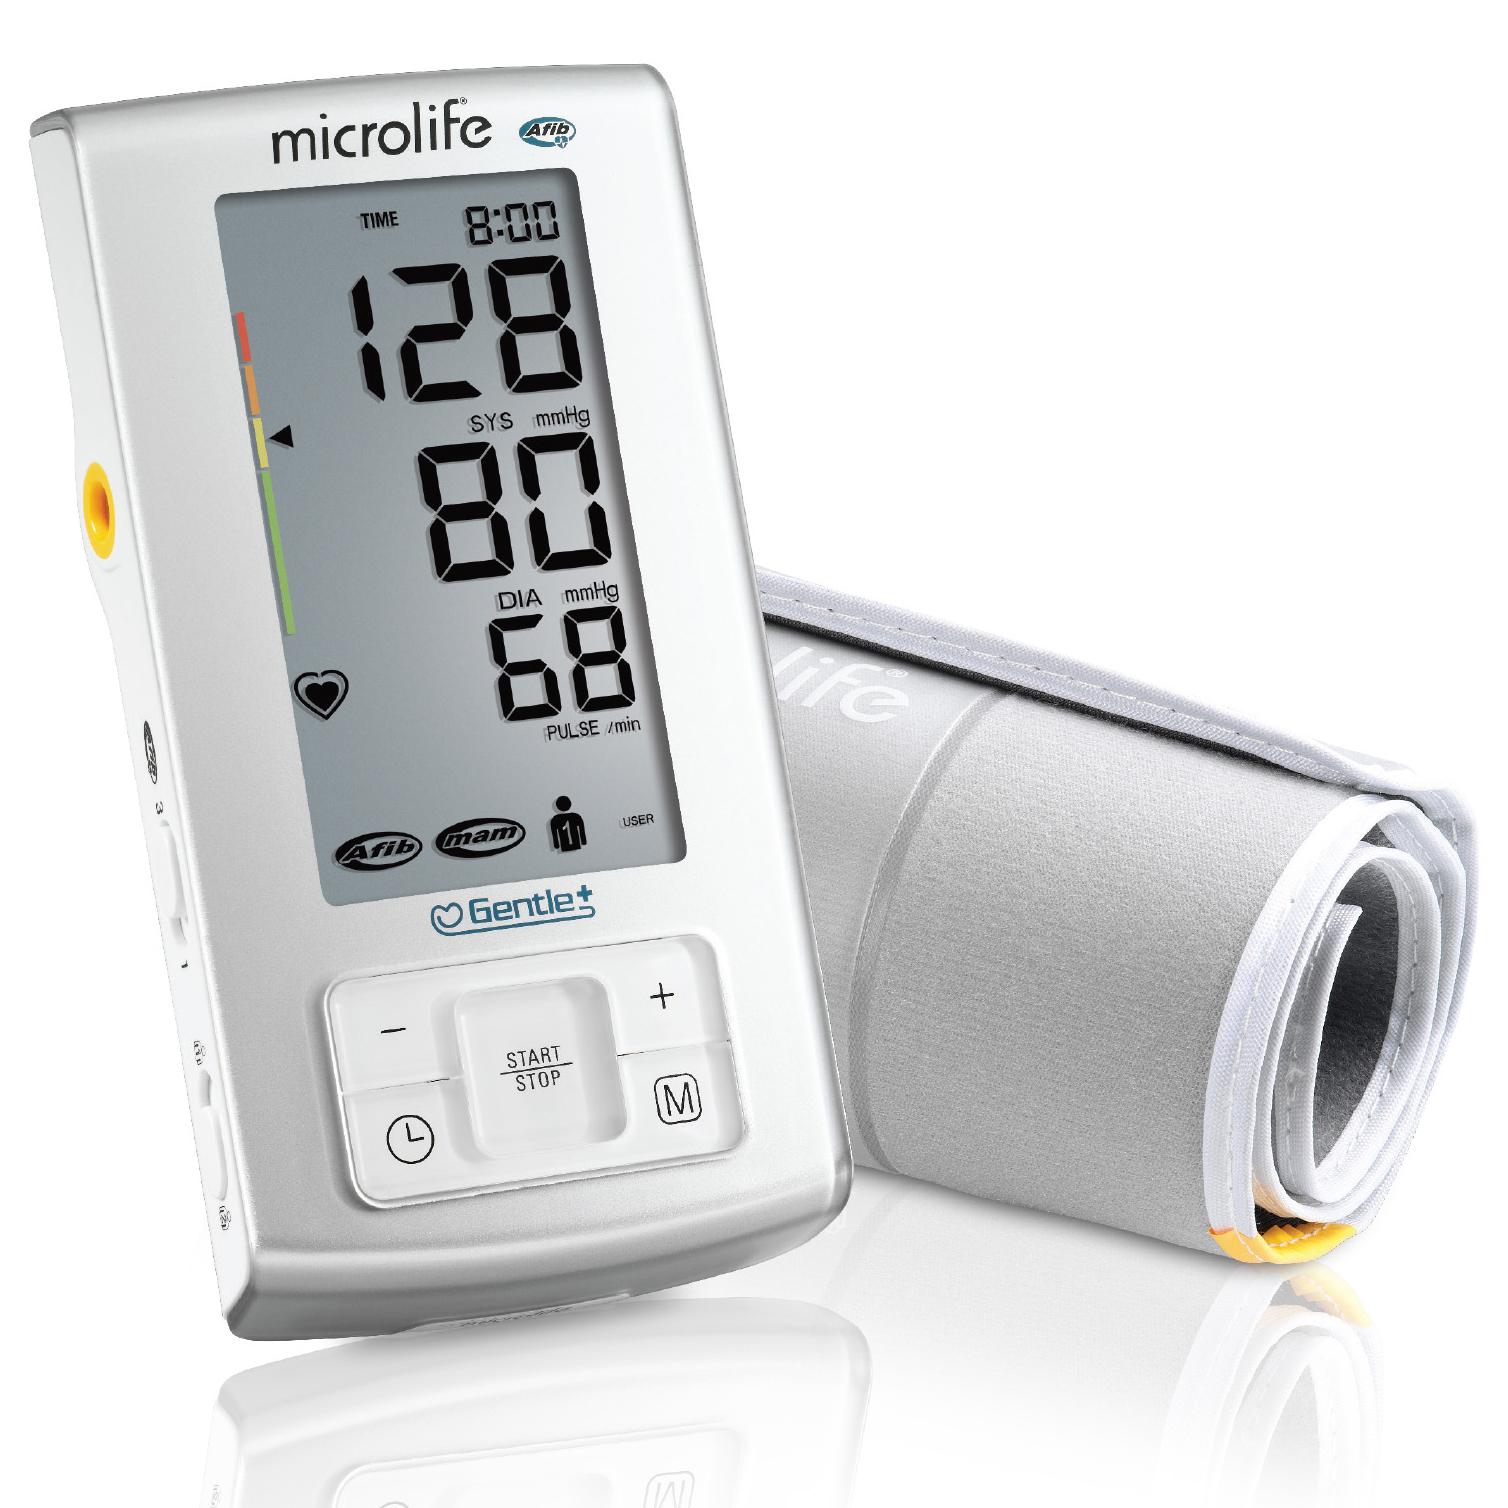 Microlife BP A6 PC Υπεραυτόματο Πιεσόμετρο Μπράτσου Με την Κορυφαία Τεχνολογία A φαρμακείο   πιεσόμετρα   θερμόμετρα   ηλεκτρικές συσκευές   πιεσόμετρα